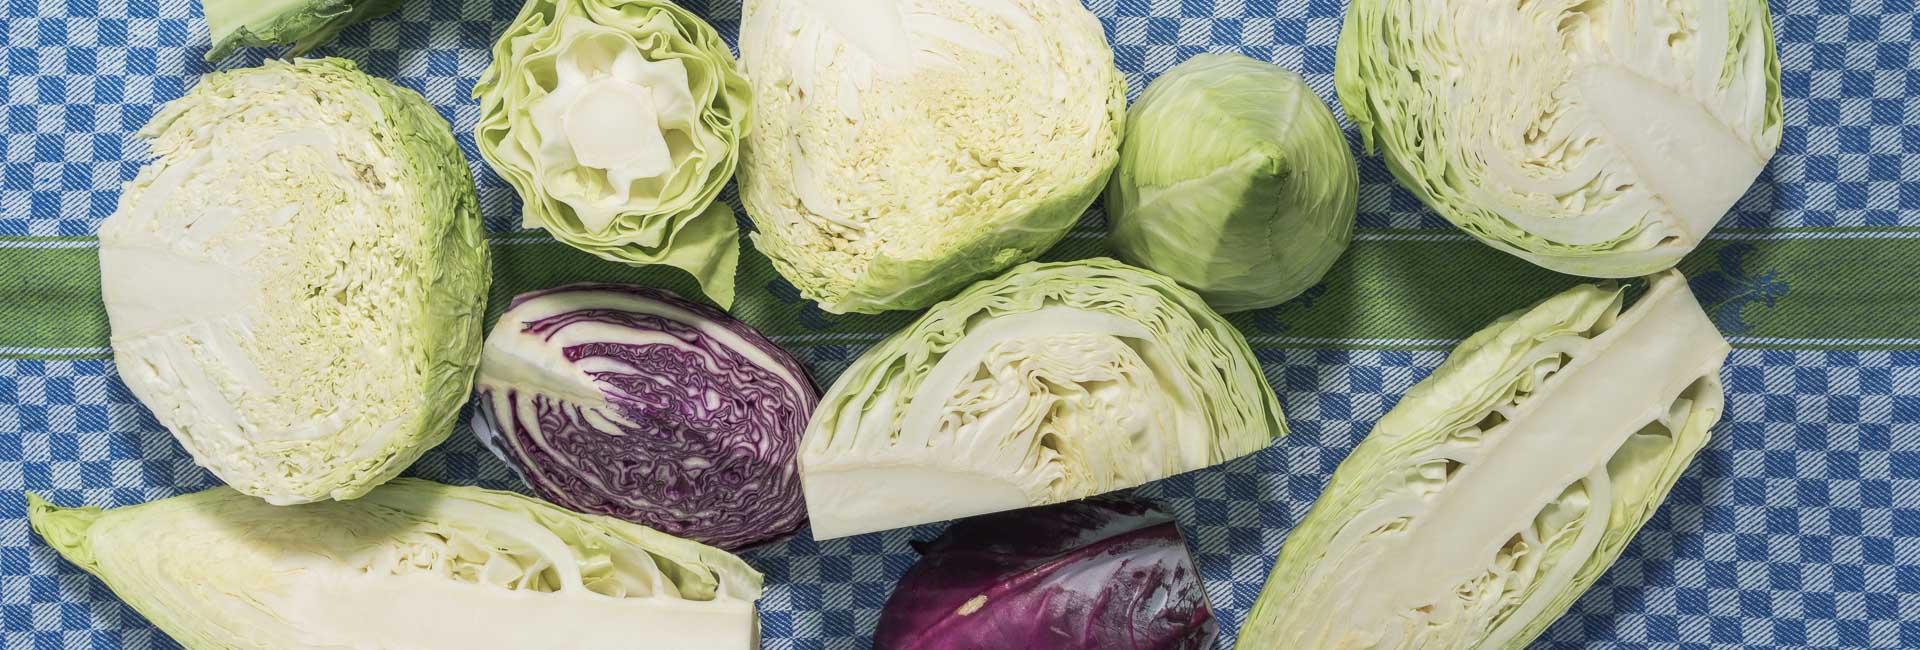 frisches Gemüse aus dem Reserve